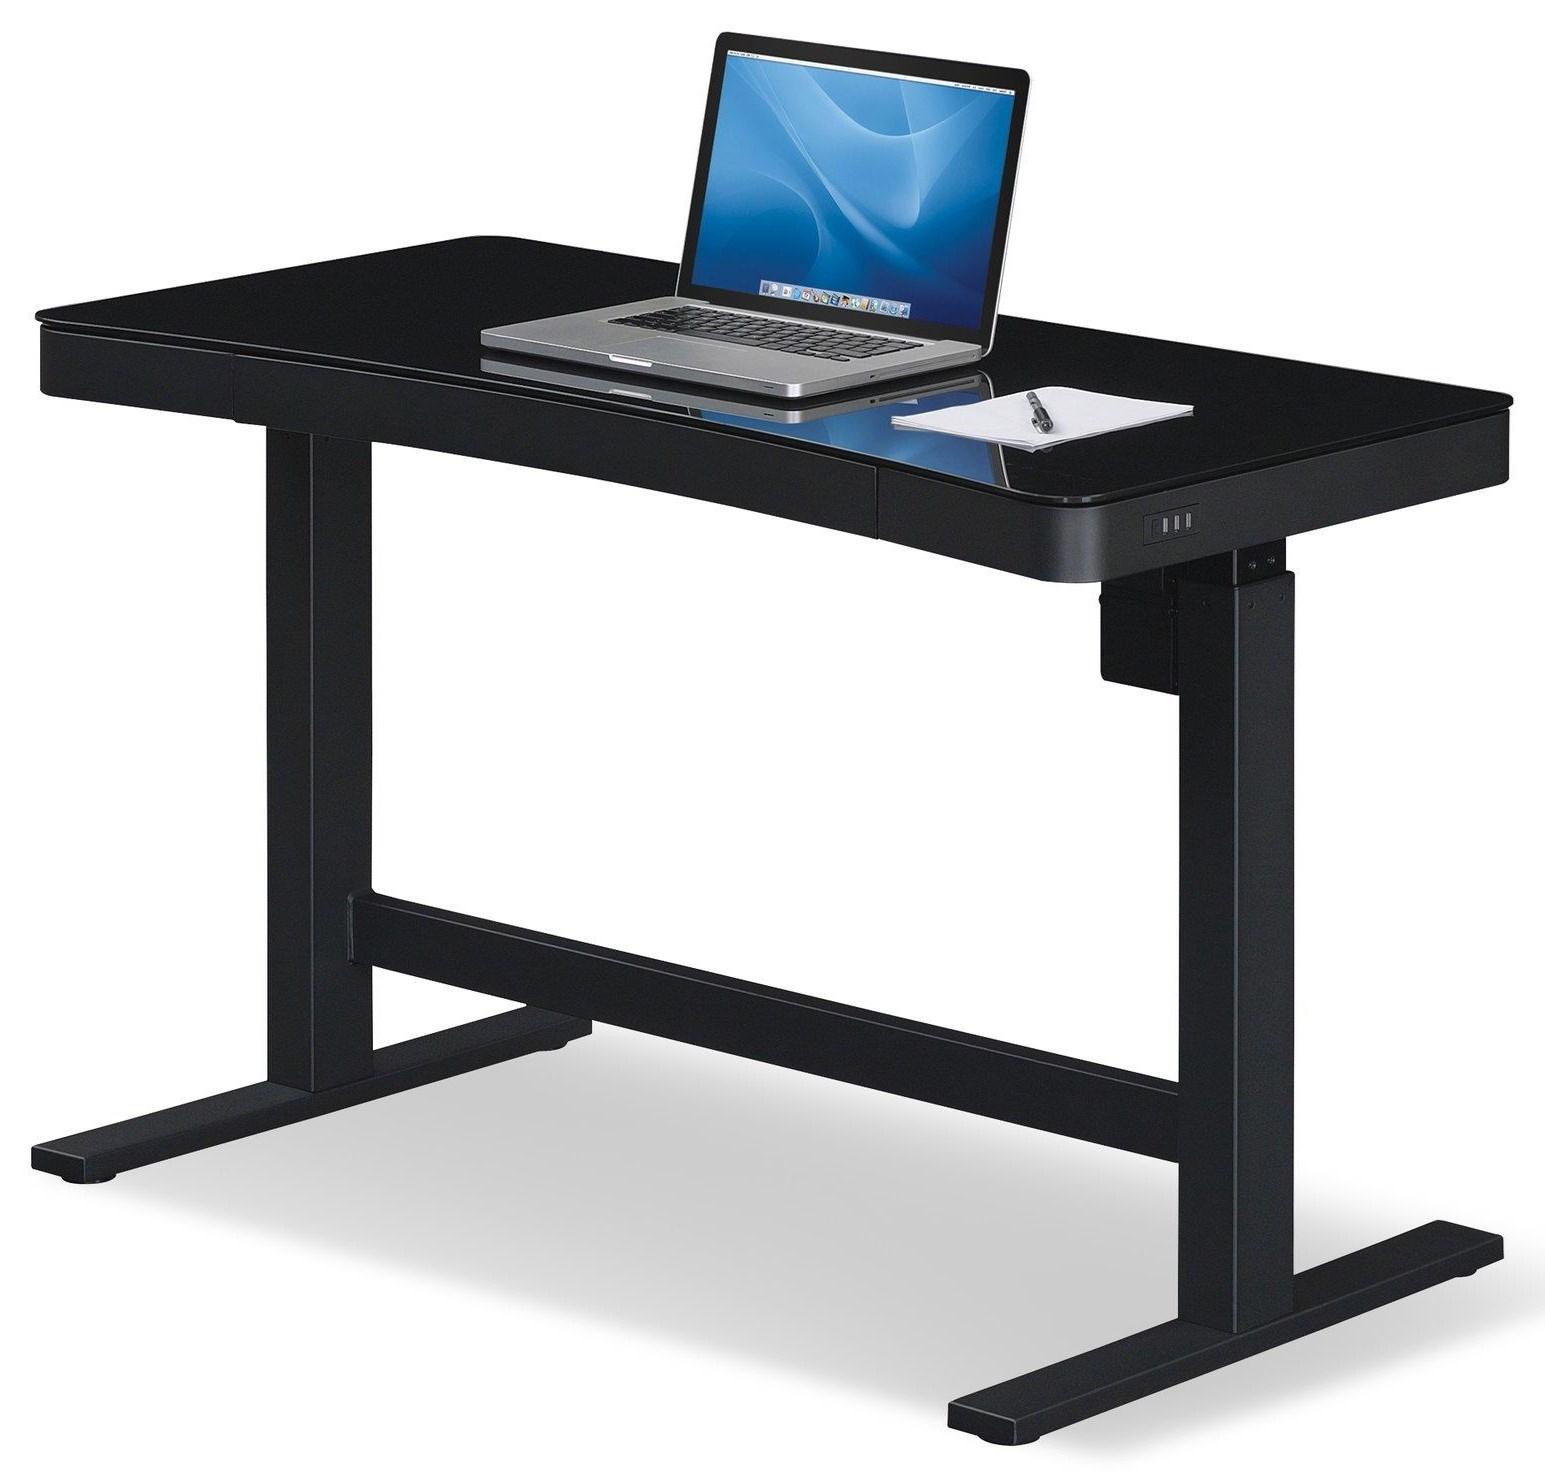 Rize Adjustable Desk